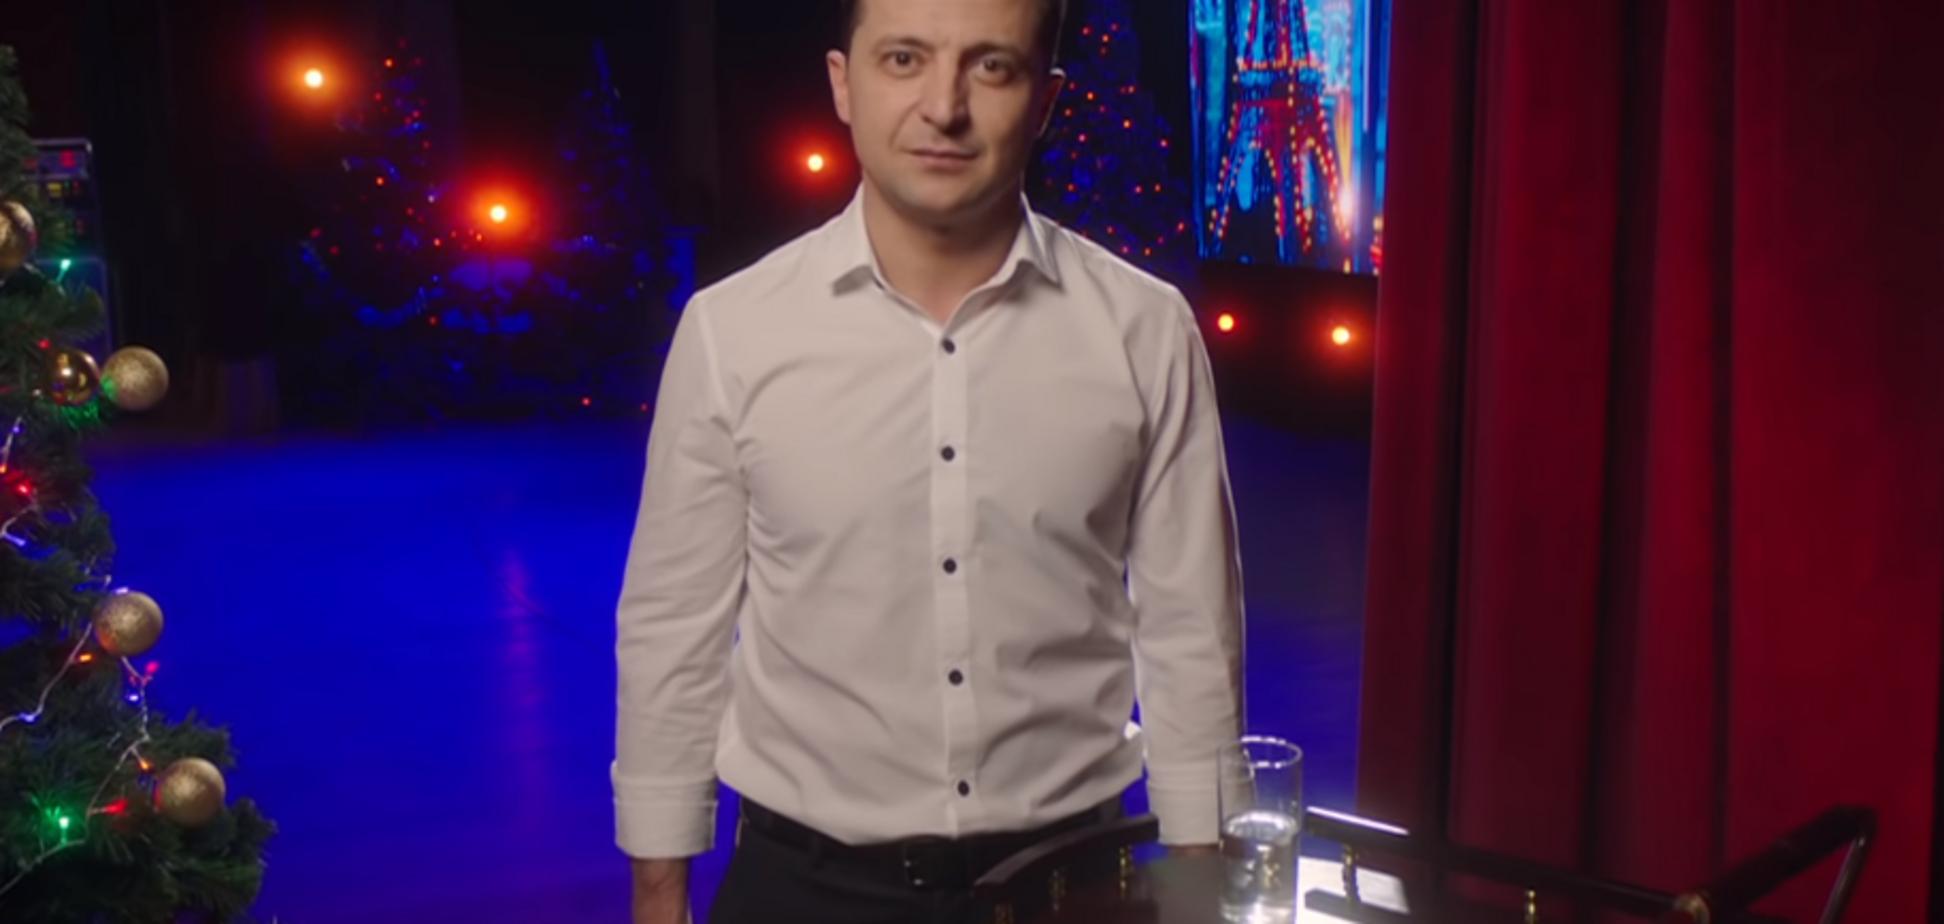 ''Час назрів'': український телеканал пояснив ''трюк'' зі зверненням Зеленського в новорічну ніч